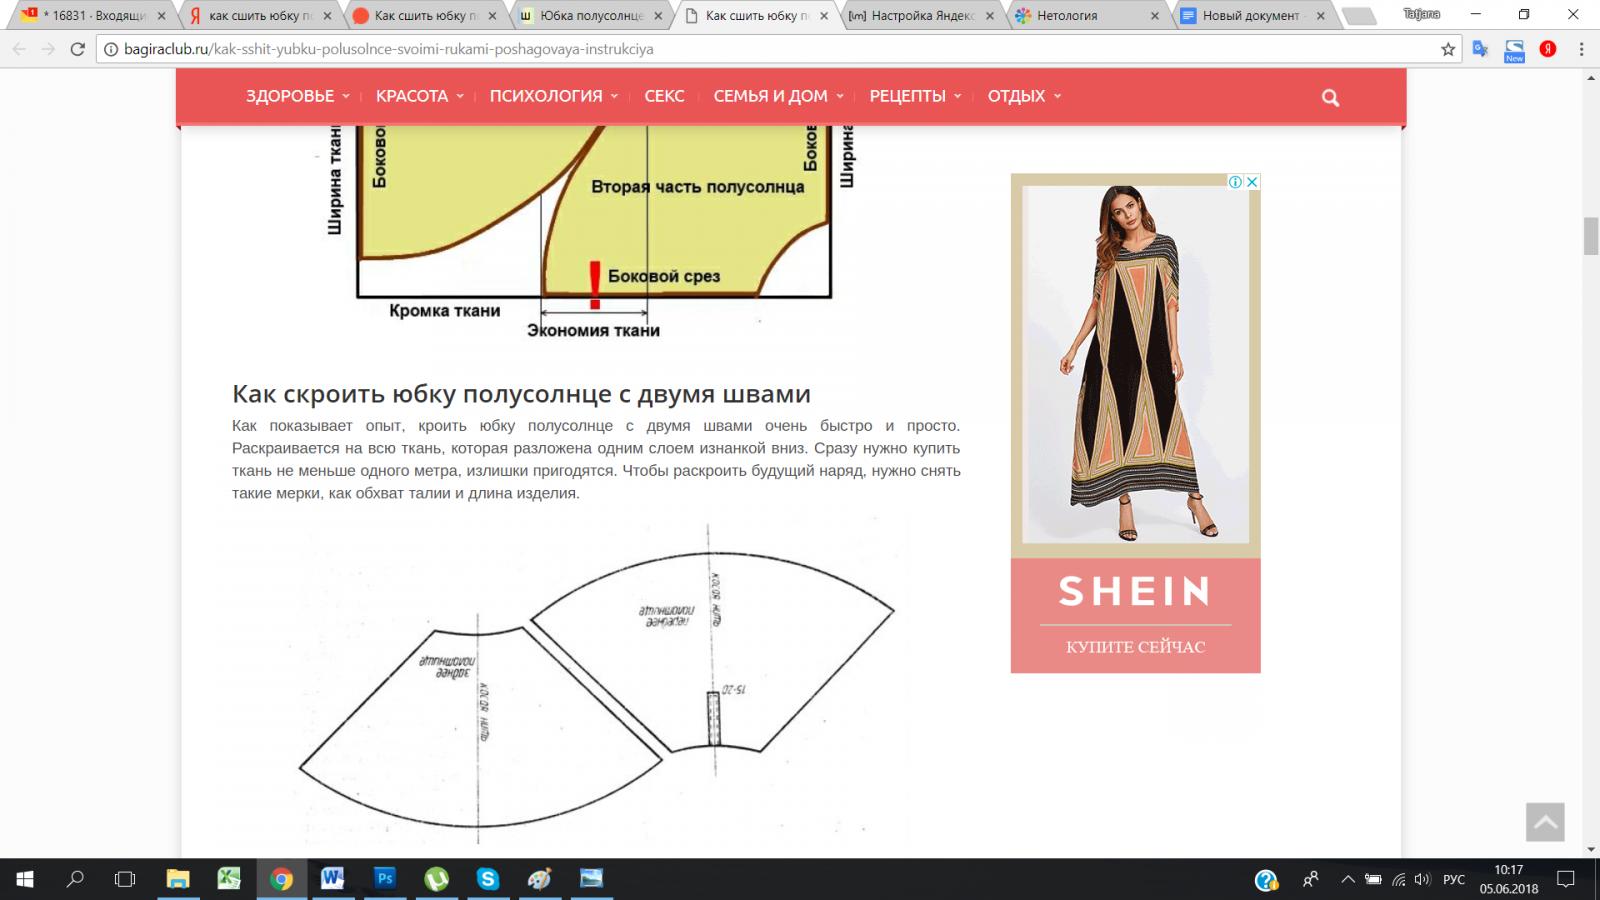 Тематическая реклама показывается как дополнительная информация к содержанию страниц, которые просматривает пользователь